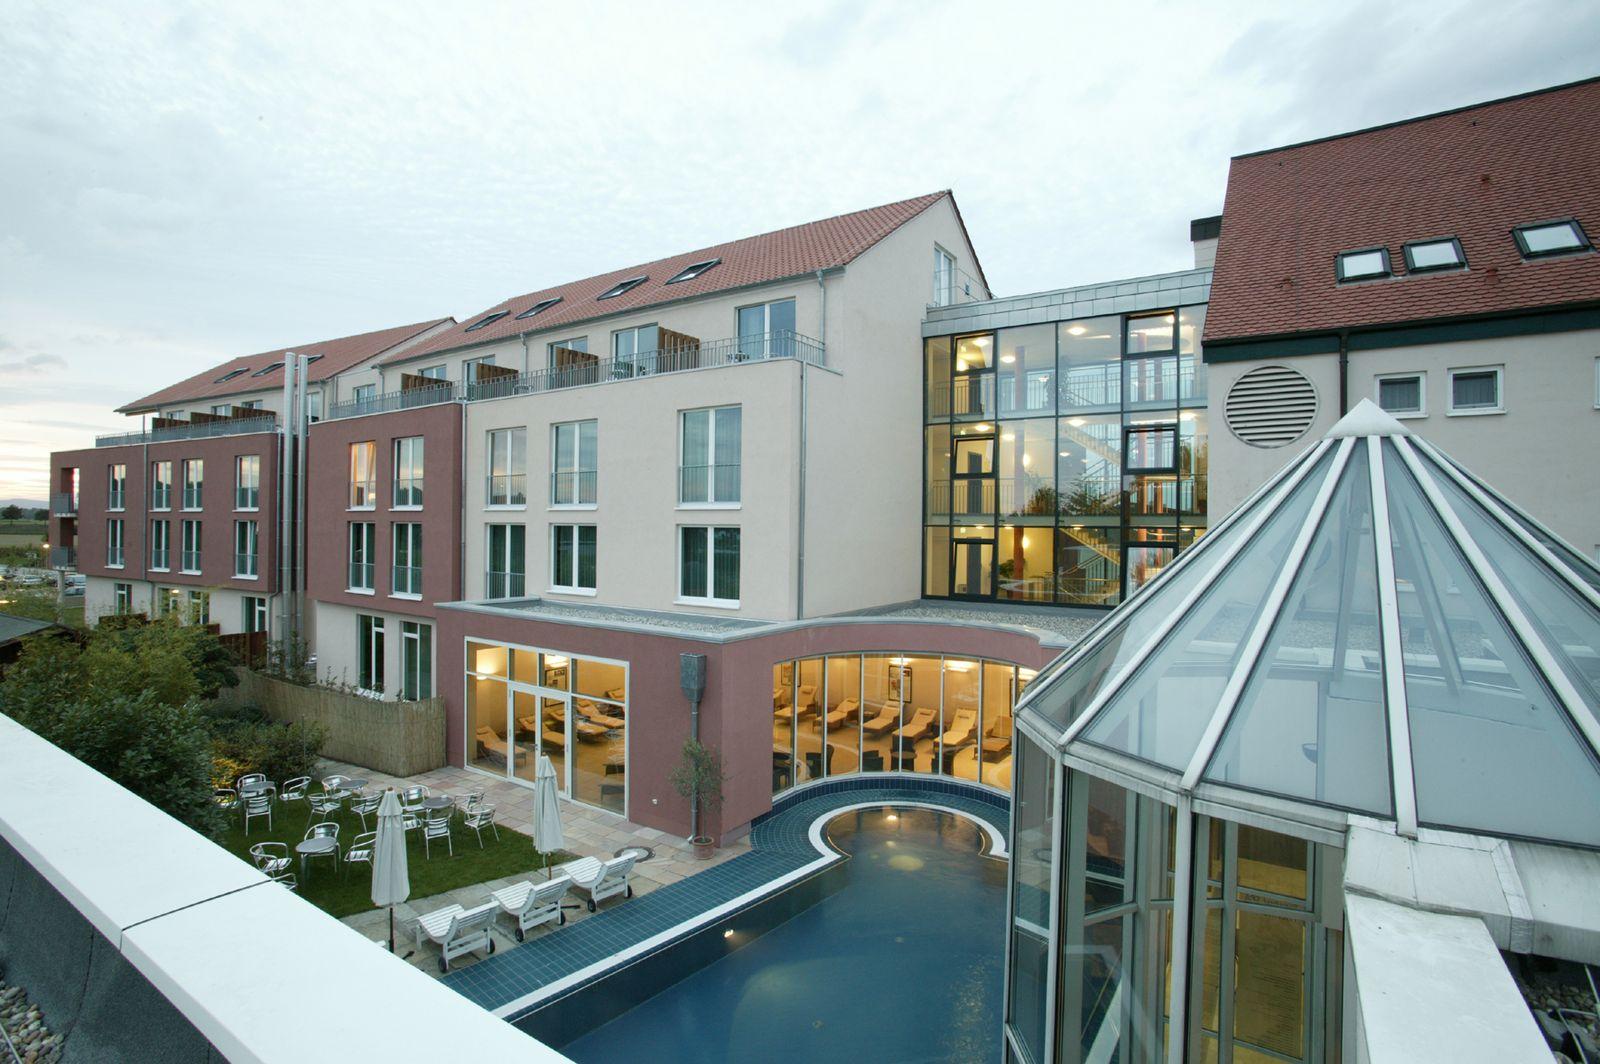 lindner hotel binshof 03 lindner architekten. Black Bedroom Furniture Sets. Home Design Ideas